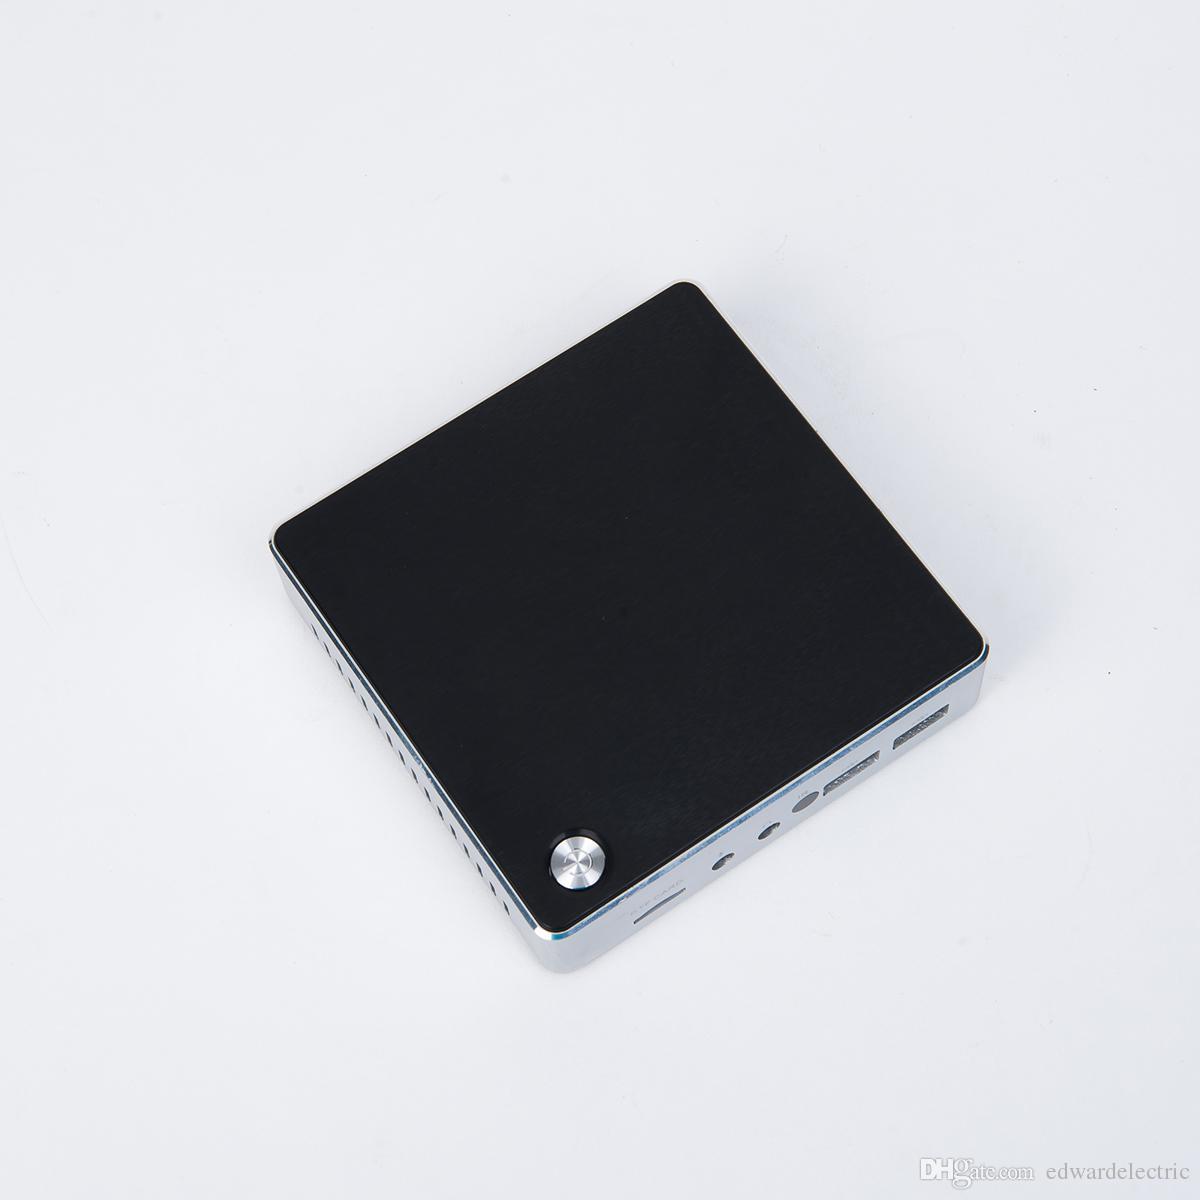 2 GB RAM 32 GB HDD ince cihaz taşınabilir Intel Atom z3735f dört çekirdekli wifi vga bluetooth windows 10 mini pc